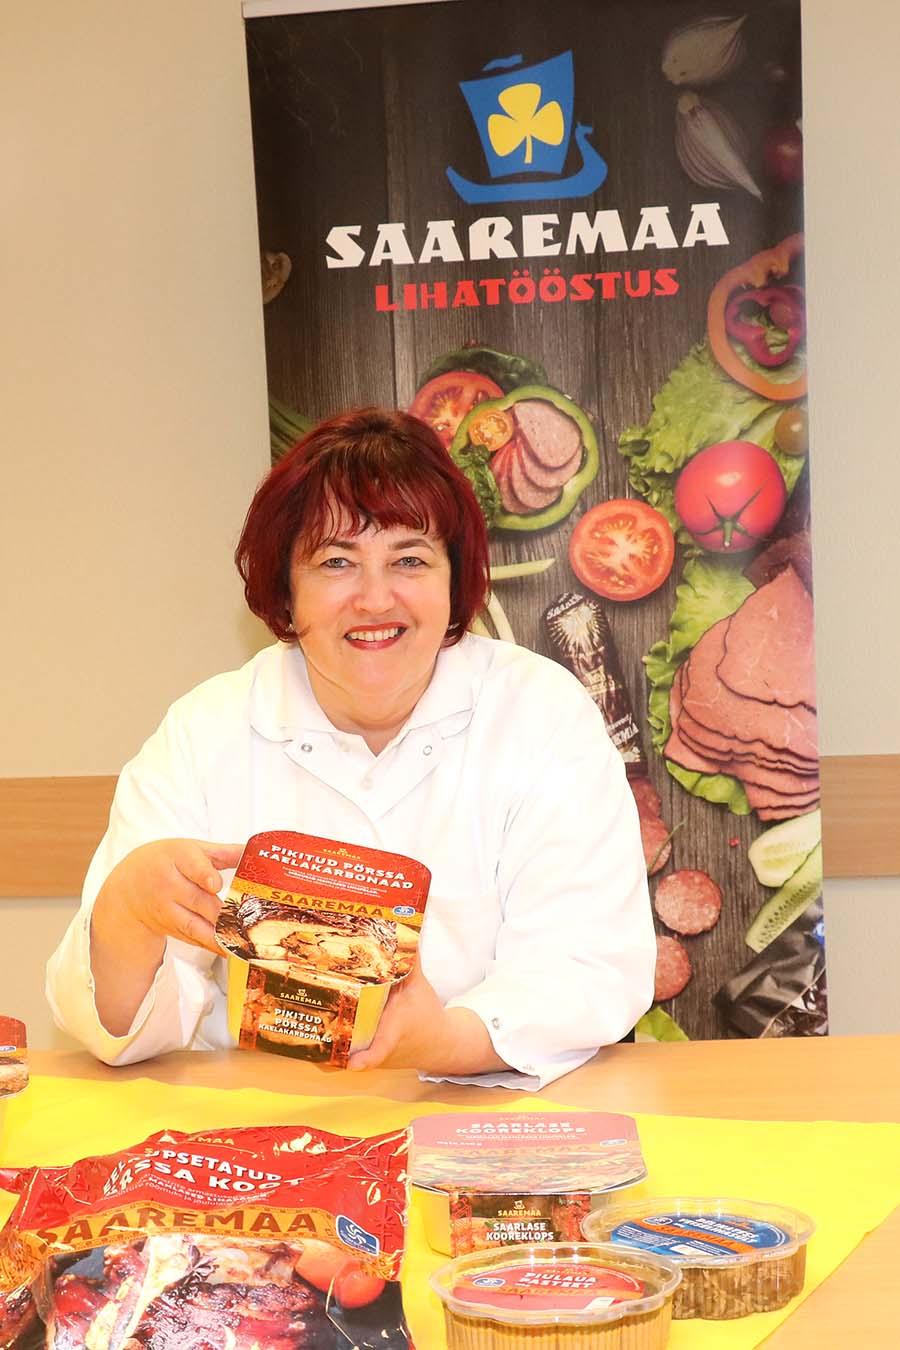 Eesti toiduliit valis hiljuti välja viis pühendunud töötajat üle Eesti, kes on panustanud enamiku oma tööelust toidusektori arendamisse. Nemad jätkavad kandideerimist toidutööstuste Südamega Tegija tiitlile. Tiitli üks nominente on Saaremaa […]